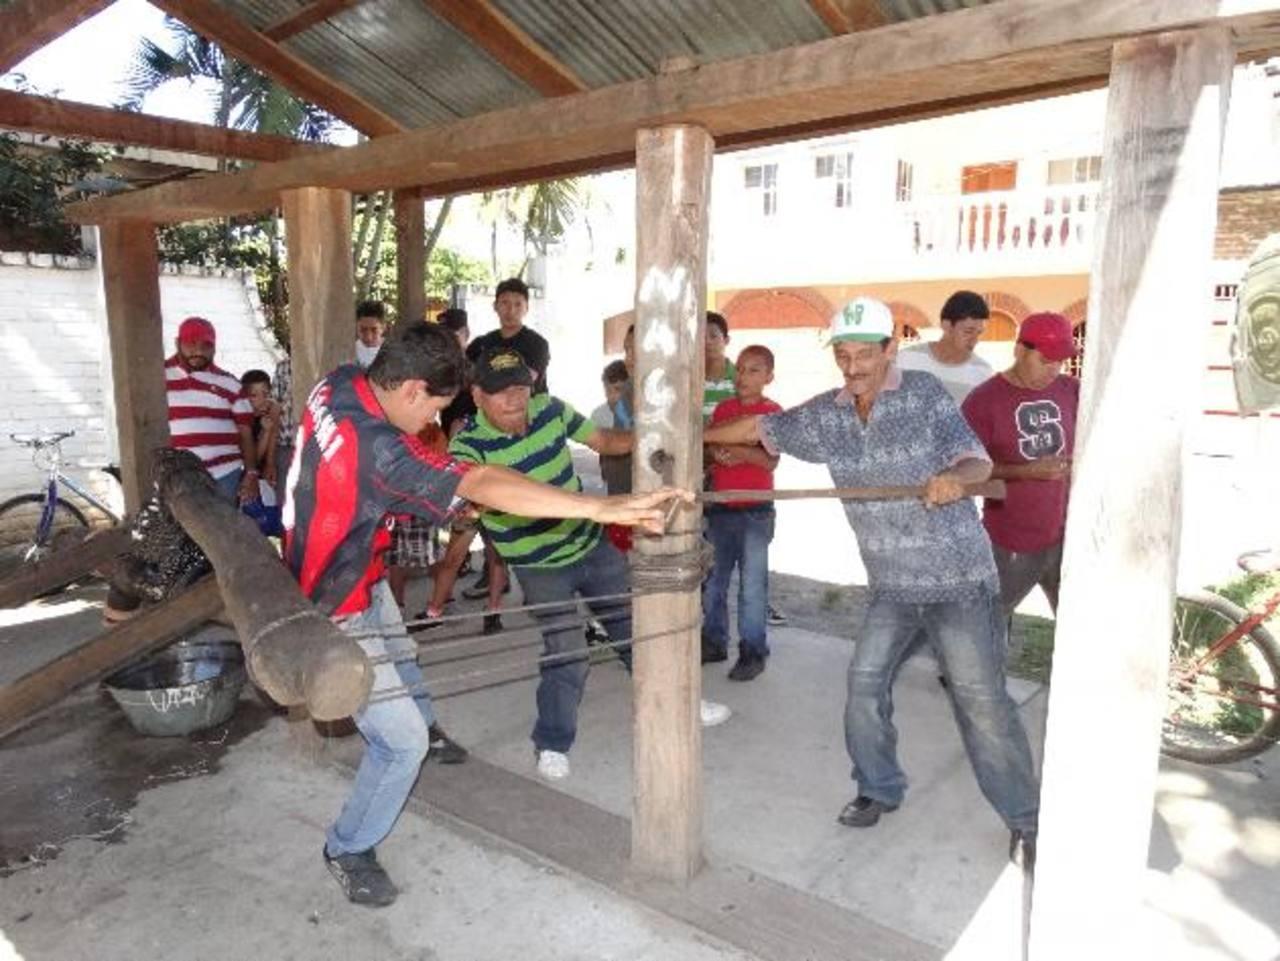 La actividad es promovida por el Comité de Turismo y Cultura y la alcaldía de San Julián. Foto EDH / Cortesía